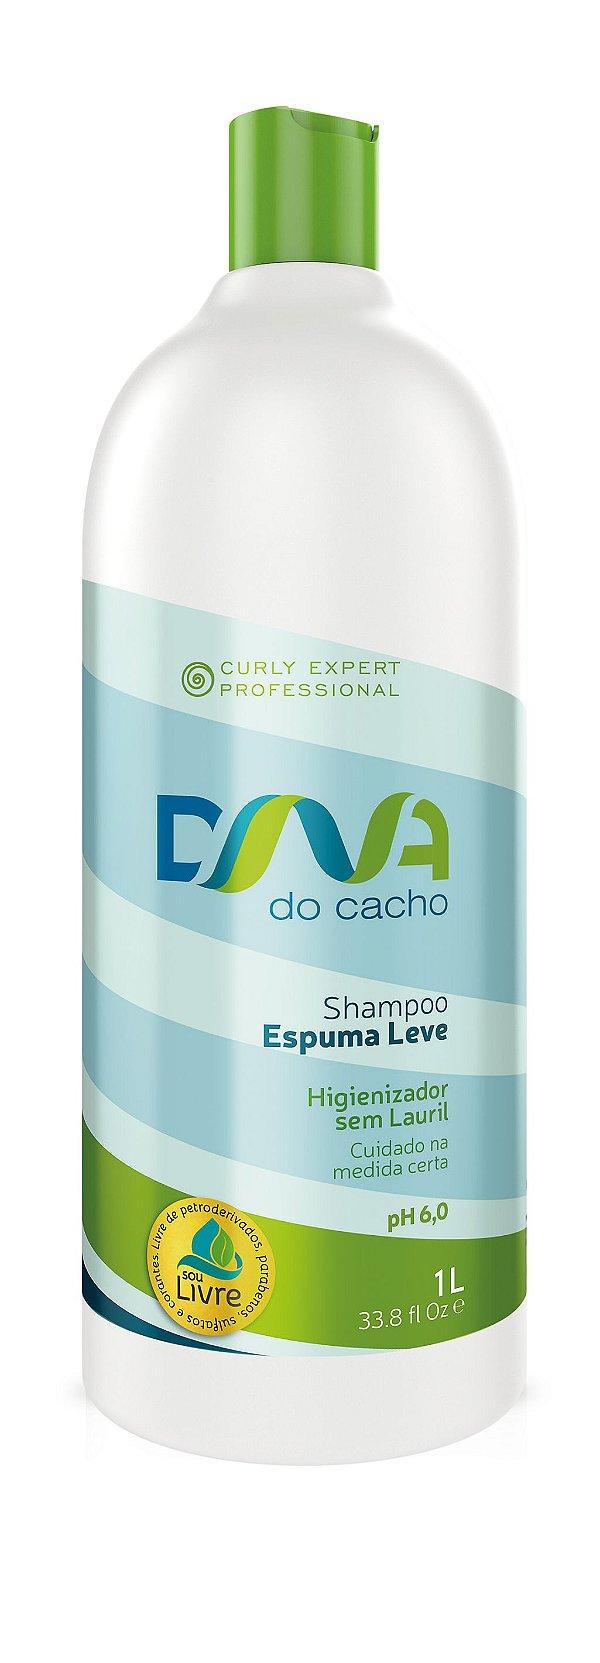 DNA do Cacho Shampoo Espuma Leve 1L - Salon Embelleze